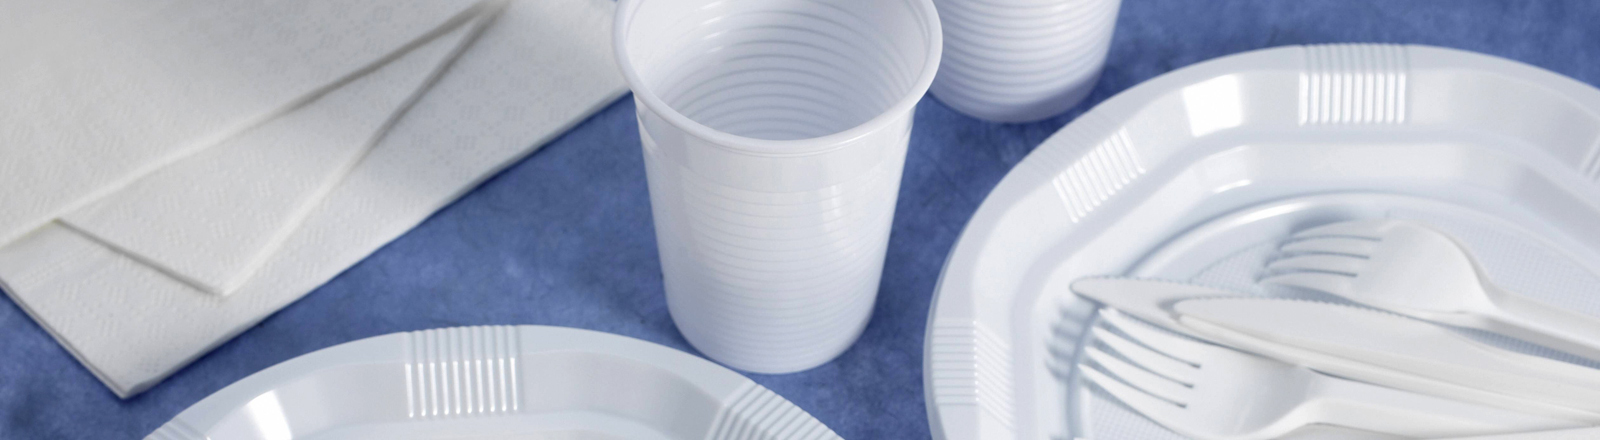 Weißes Plastikgeschirr und -besteck auf blauer Tischdecke